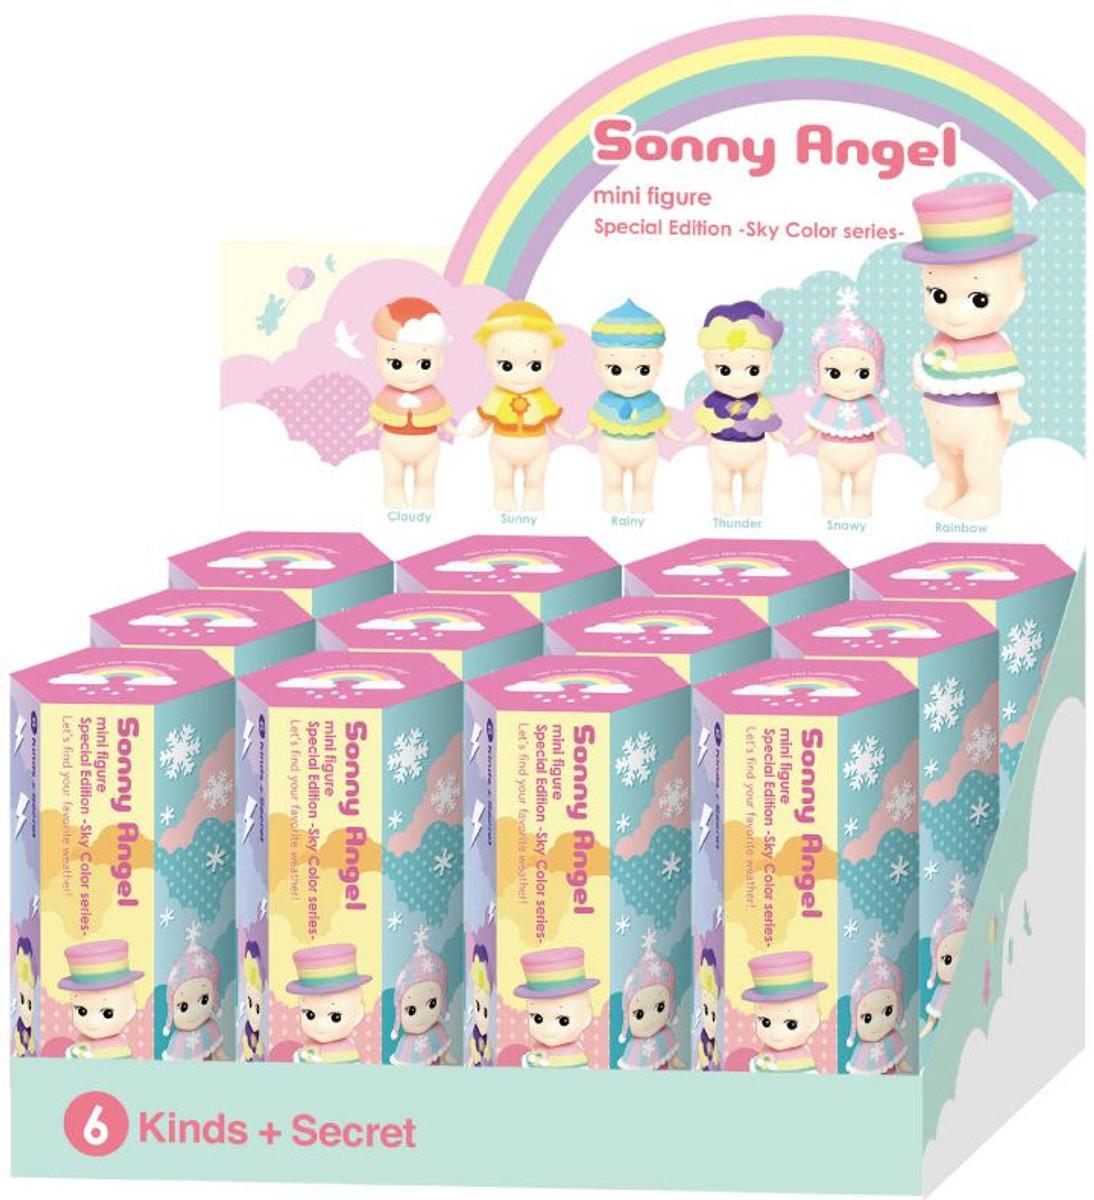 Halloween Sonny Angel Blind Boxes 2020 Sonny Angel Sky Series 2020 Blind Box   myplasticheart